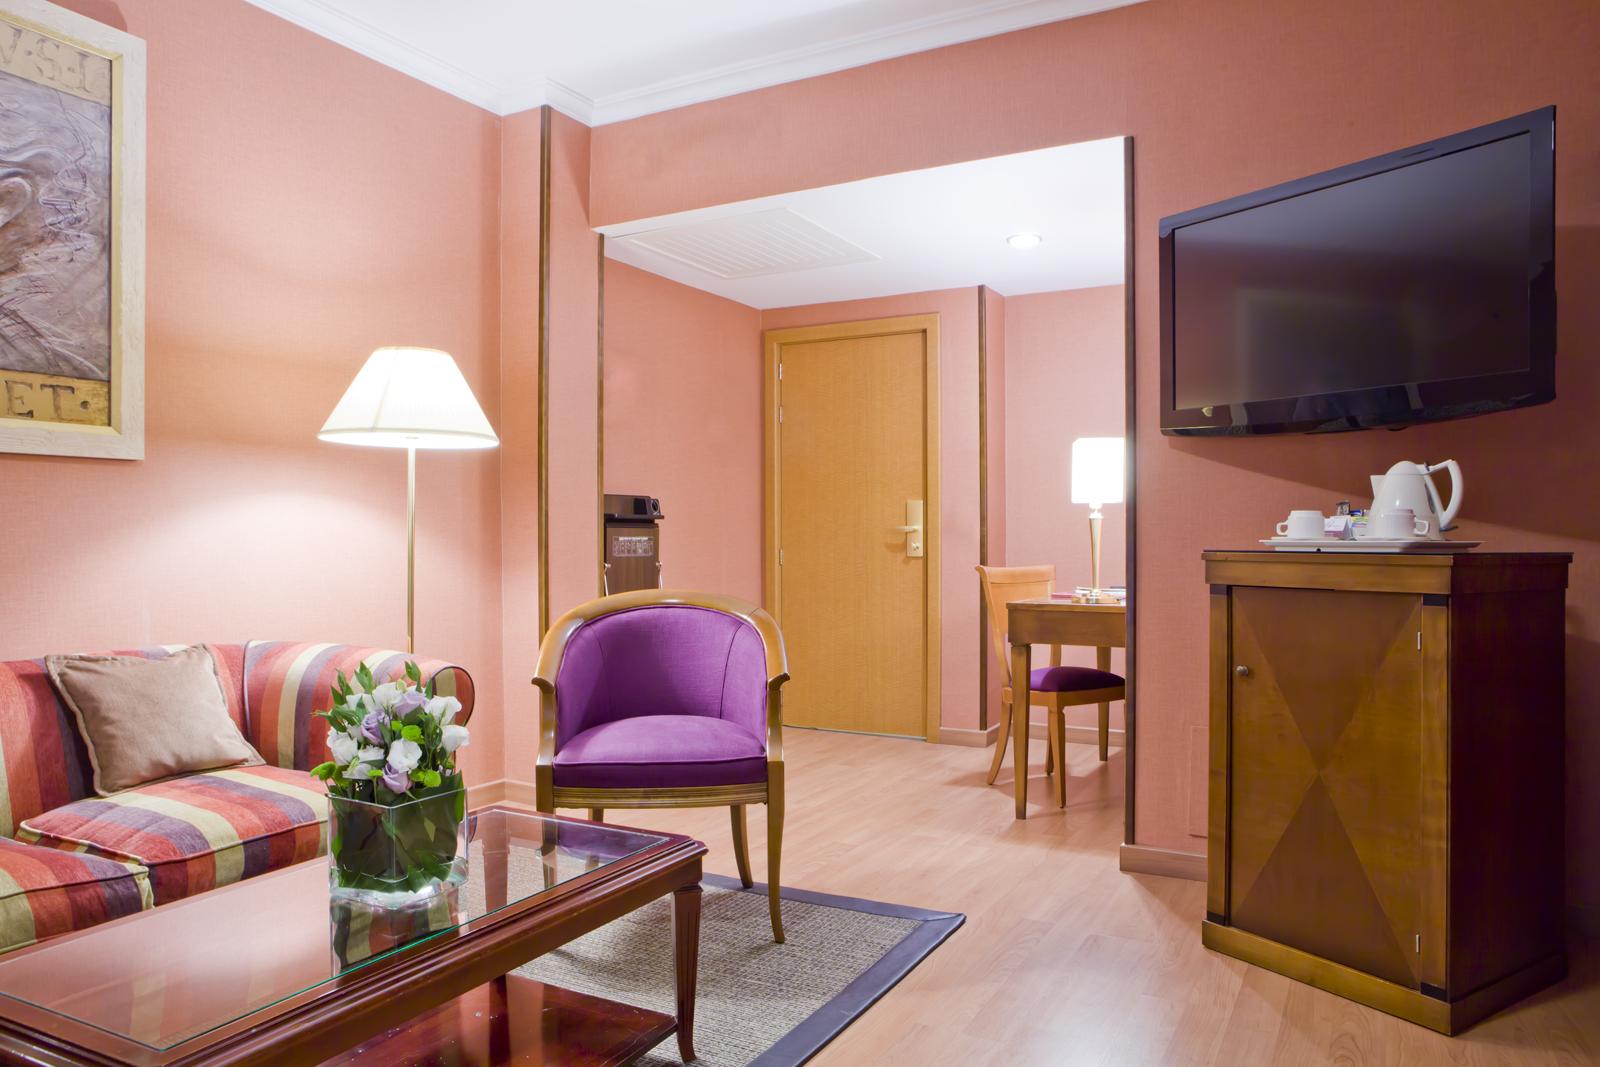 [:es]Habitación junior suite Hotel Bécquer Sevilla[:en]Junior suite room Hotel Bécquer Seville[:fr]Chambre junior suite Hôtel Bécquer Séville[:it]Camera junior suite Hotel Bécquer Siviglia[:de]Juniorsuite Hotel Bécquer Sevilla